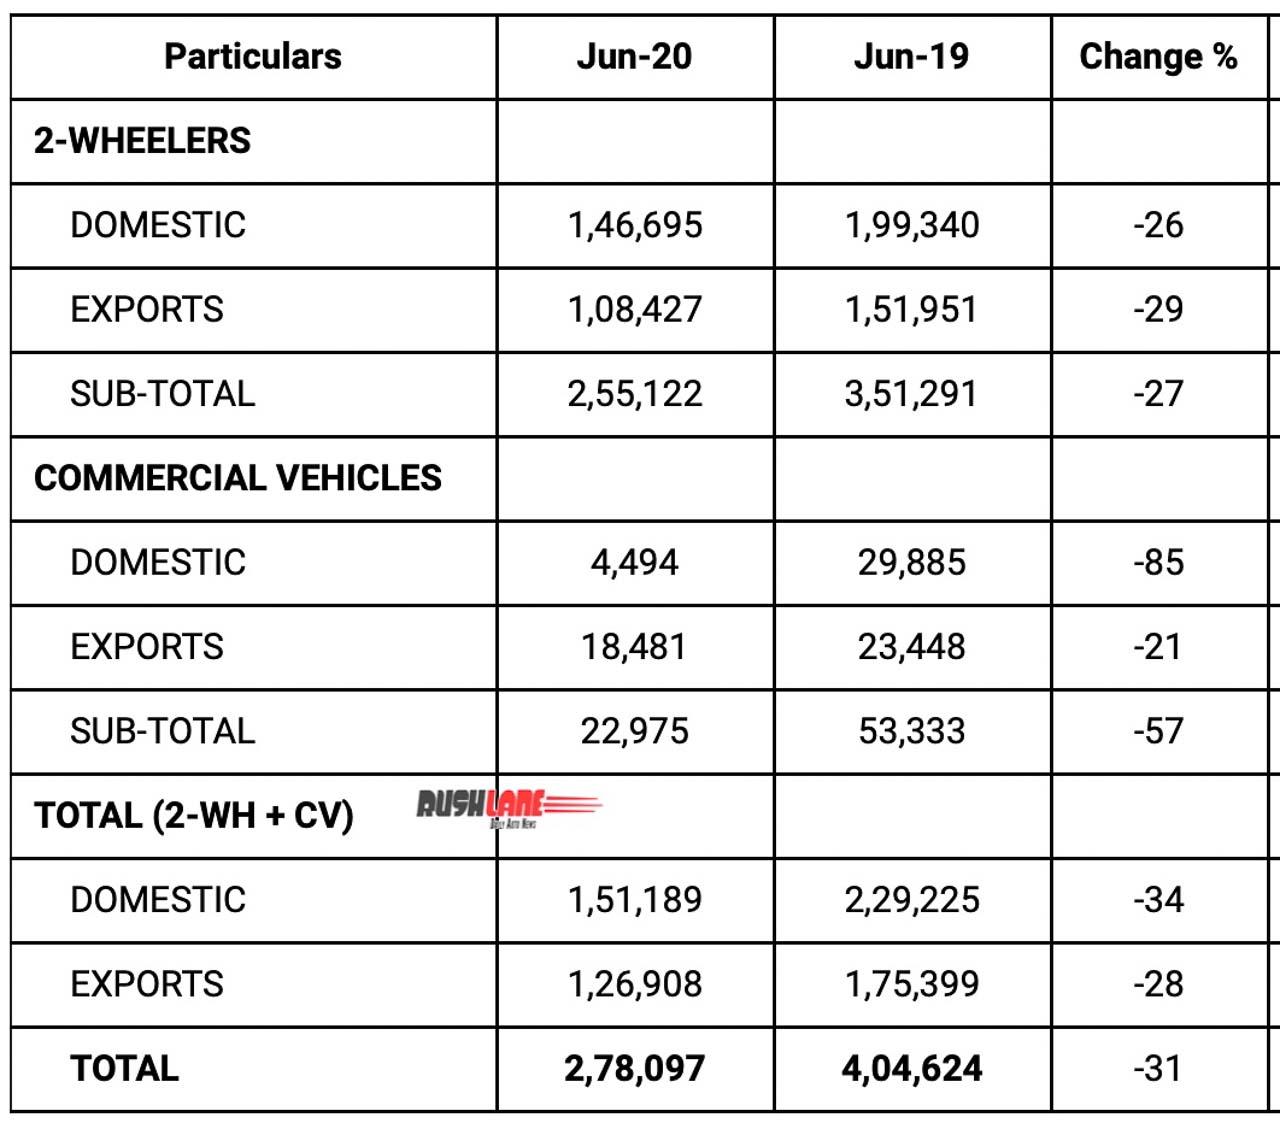 Bajaj sales June 2020 vs 2019